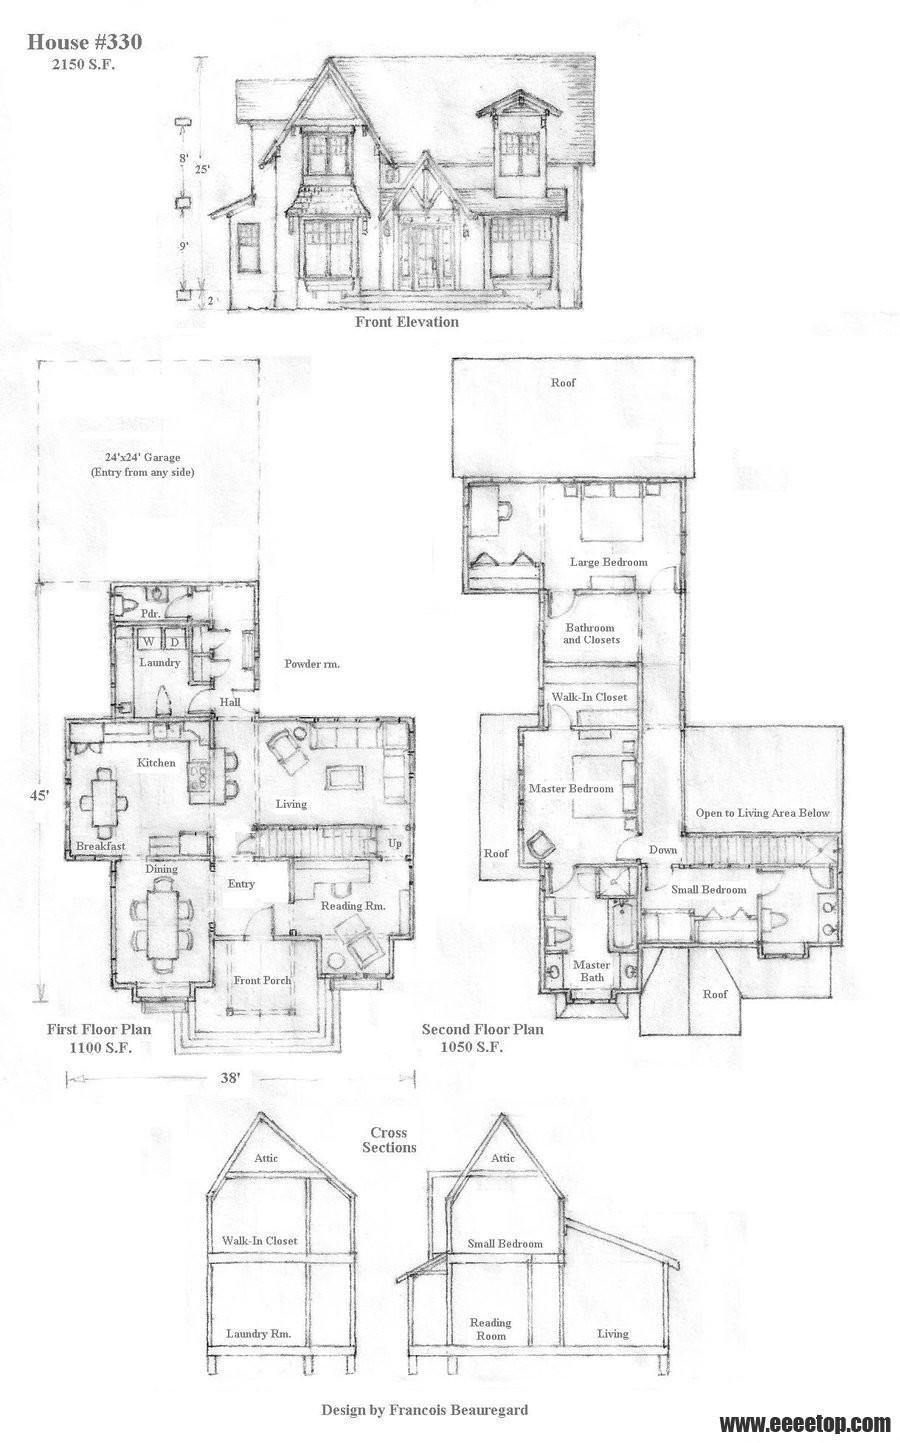 美国图纸设计师FrancoisBeauregard的方形手8.5方案住宅口金图片